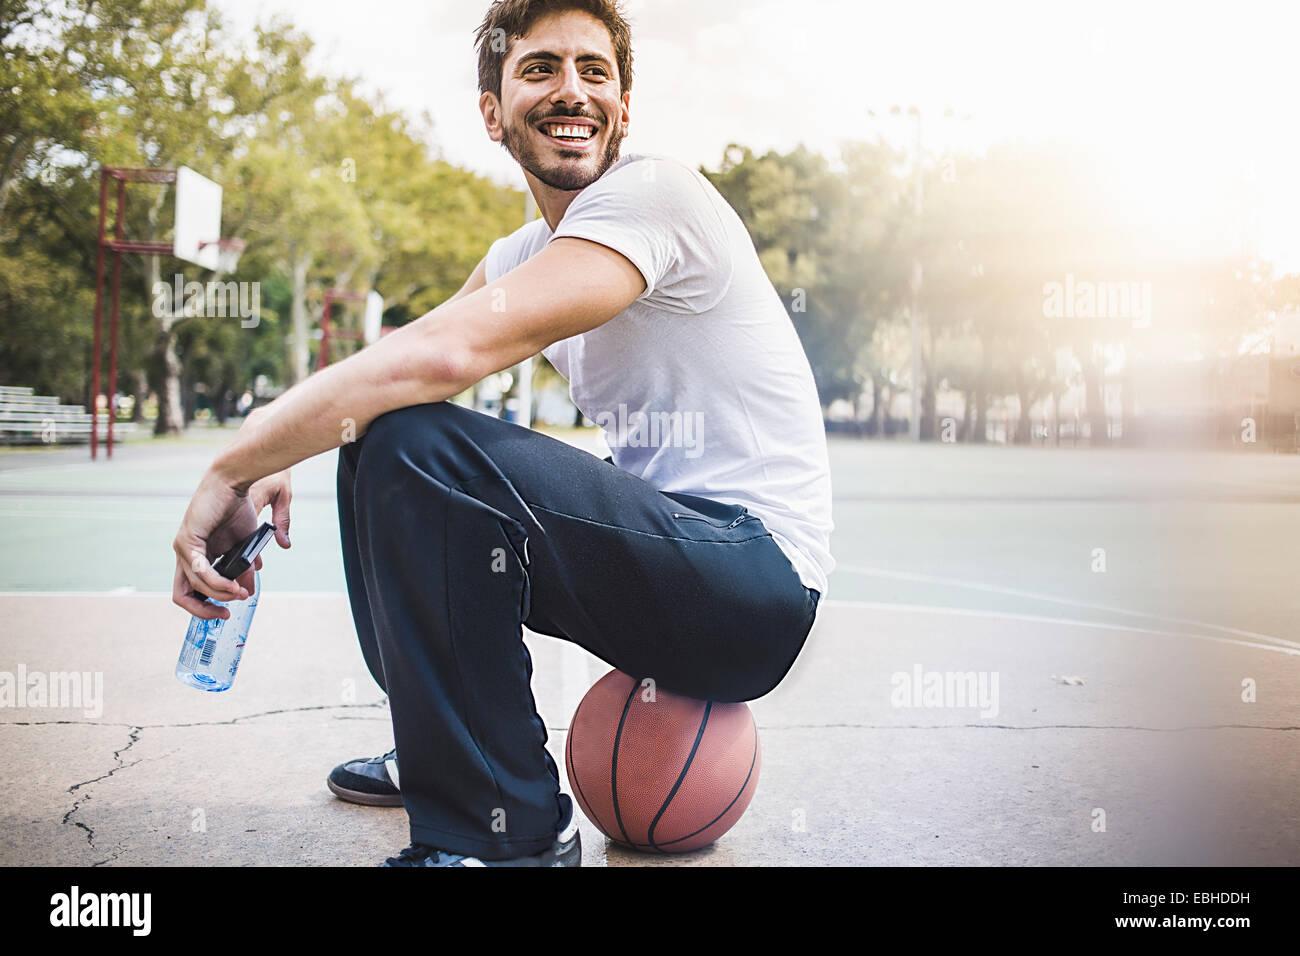 Porträt des jungen männlichen Basketball auf Kugel sitzend Stockbild